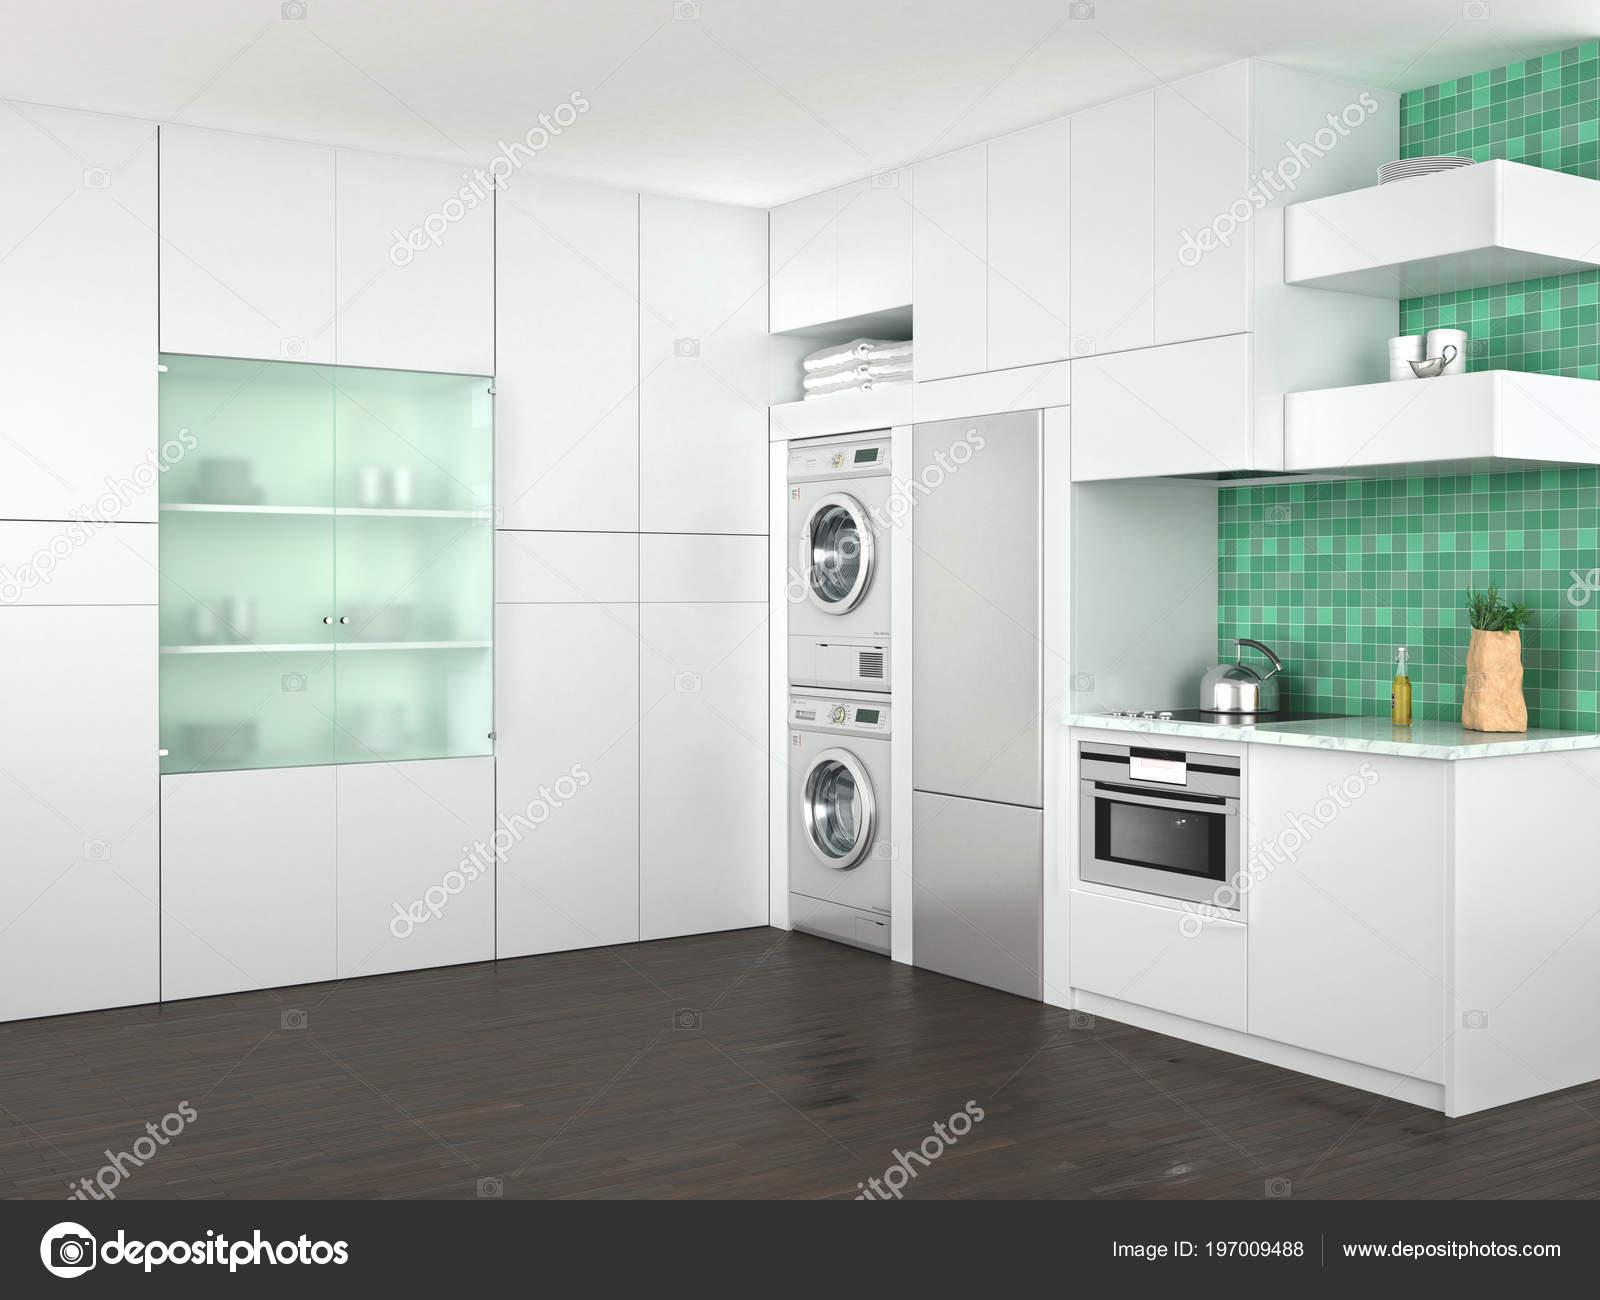 Ansprechend Küche Mit Waschmaschine Ideen Von Design Der Weißen Küche Tration — Stockfoto